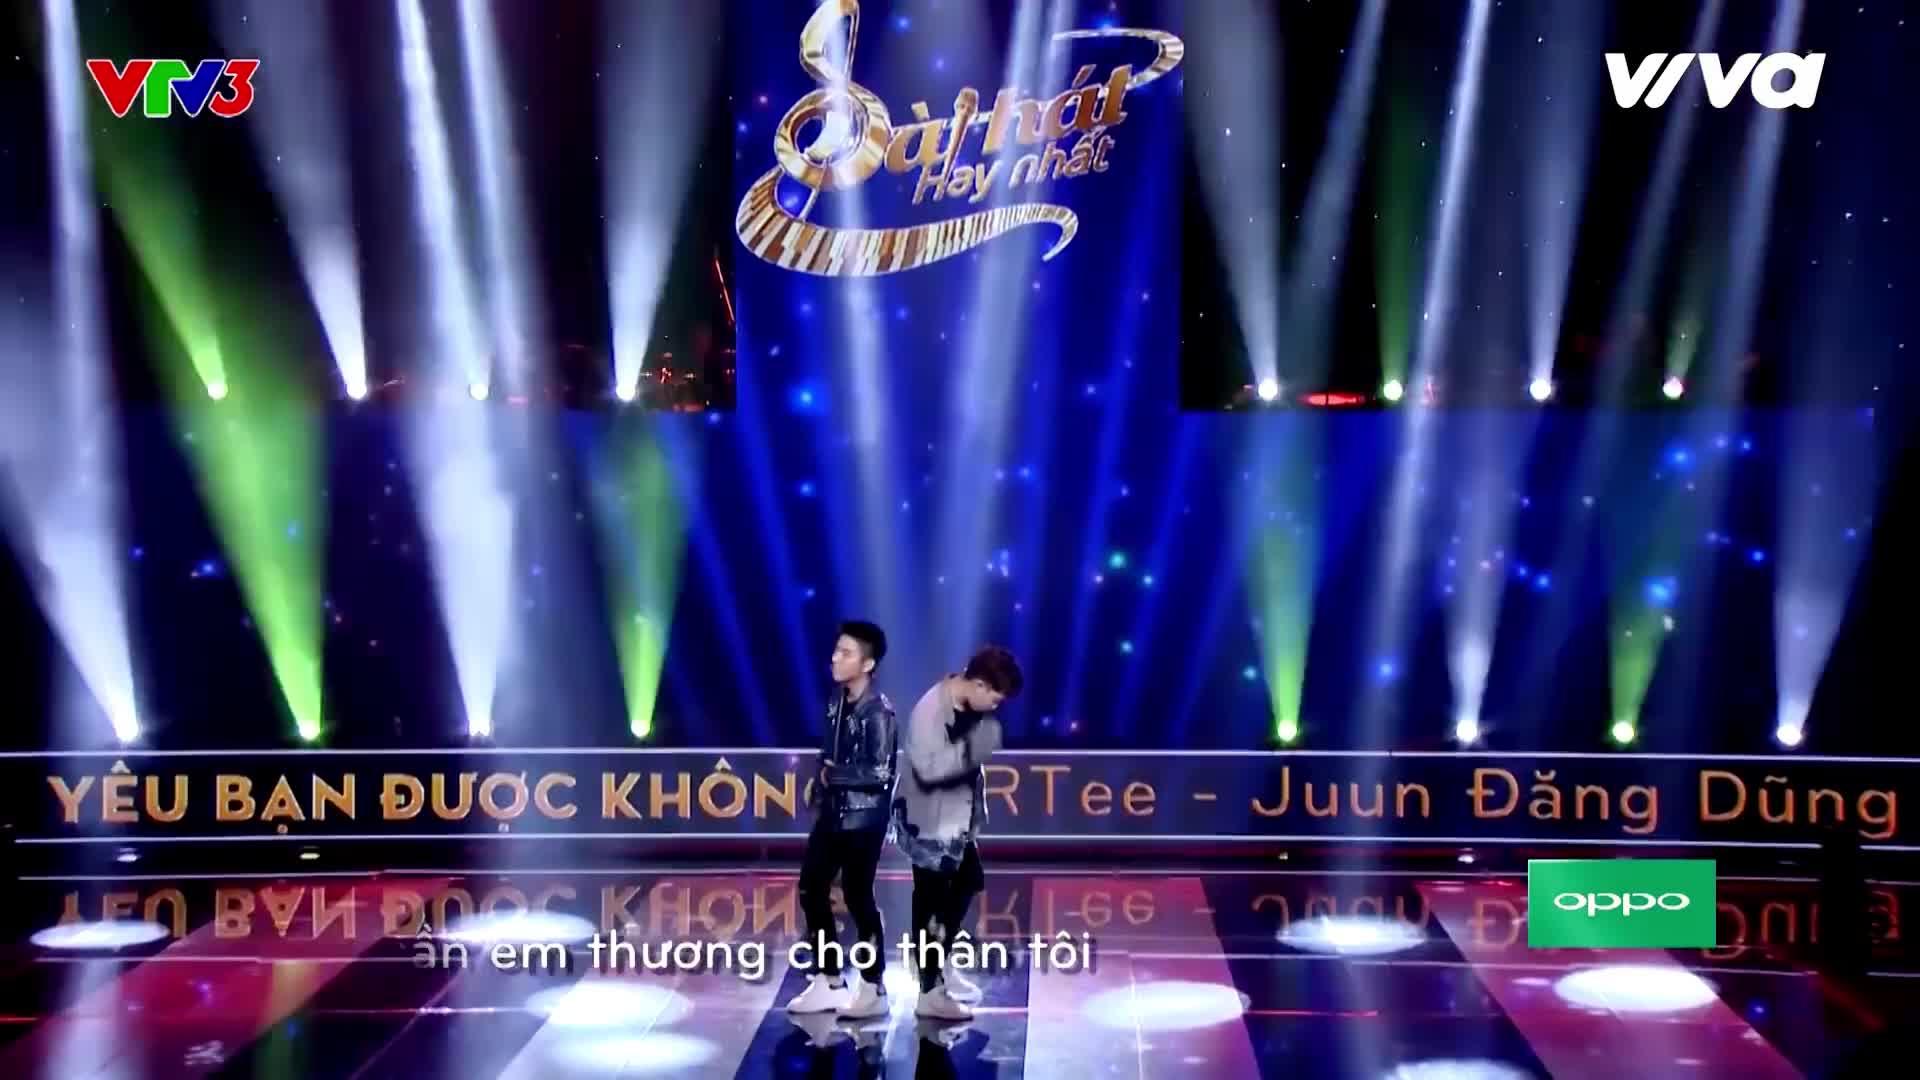 RTee  Juun Đăng Dũng hát nhưng cứ nhìn xuống đất, sợ ra về vì không được gạt cần